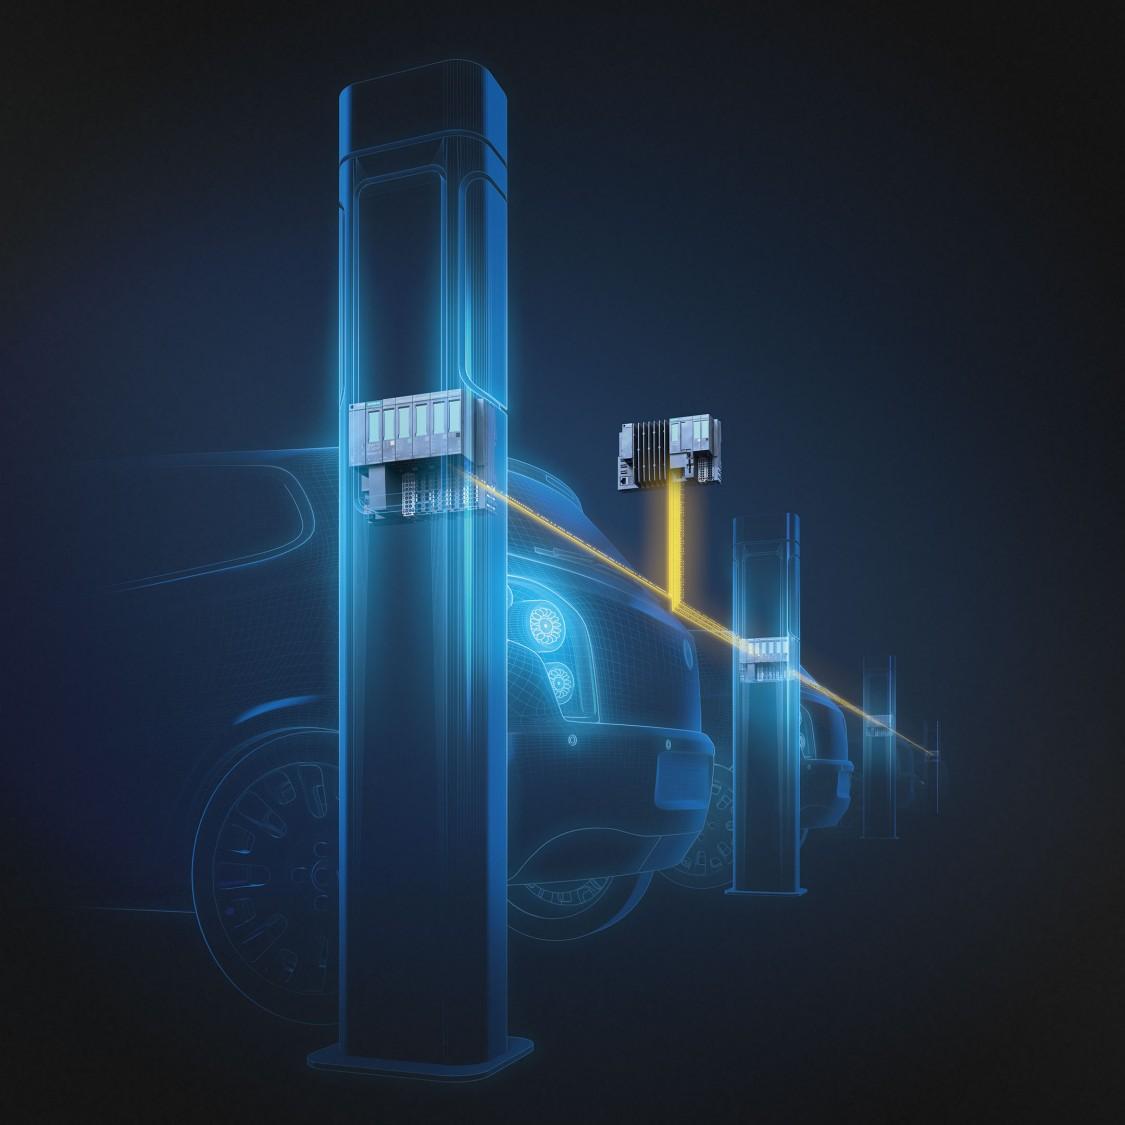 Şarj kontrol sistemi - Ölçeklenebilir ve geleceğin taleplerine uyumlu